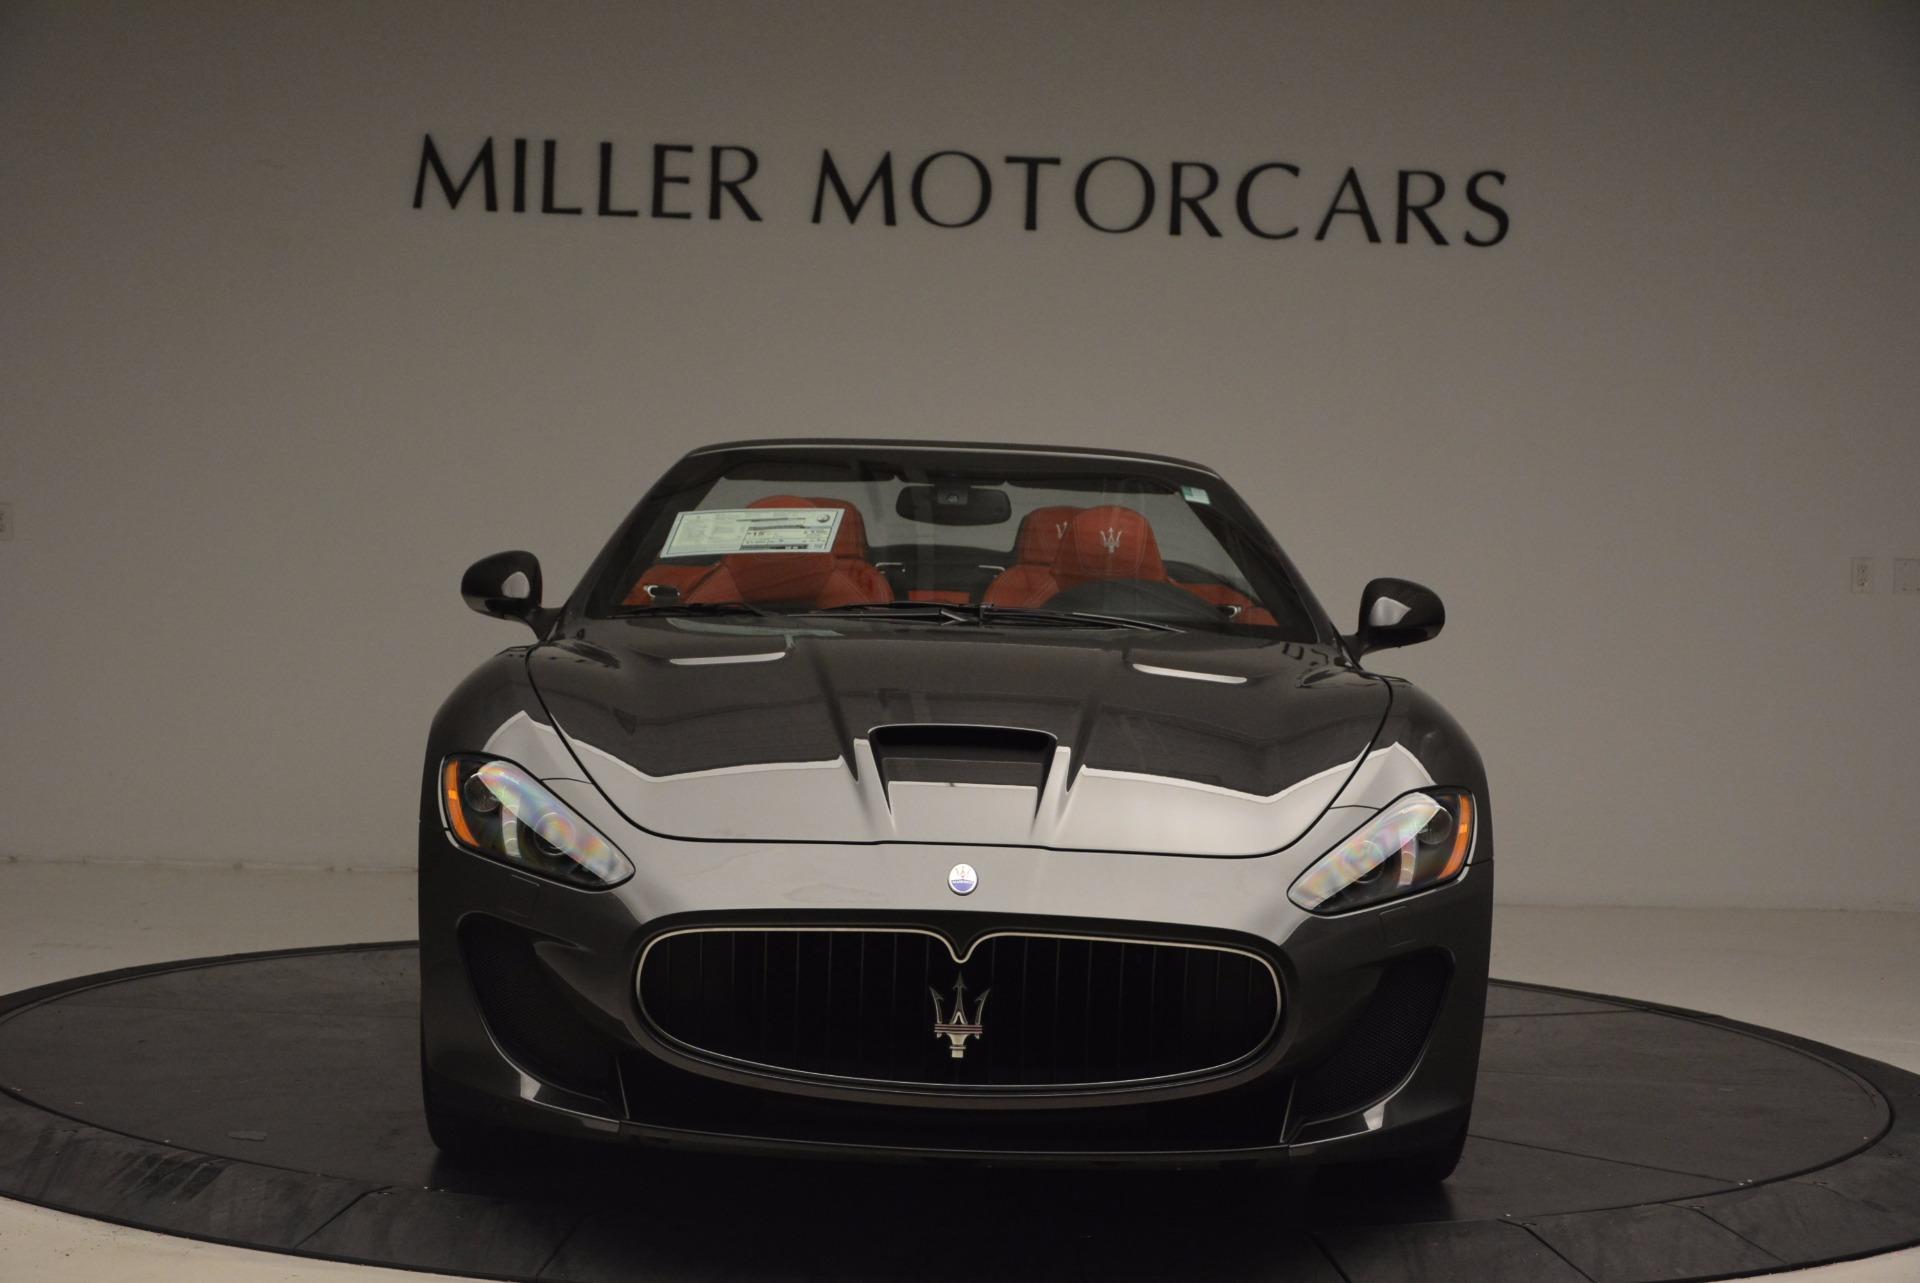 Used 2015 Maserati GranTurismo MC For Sale In Greenwich, CT 1135_p12